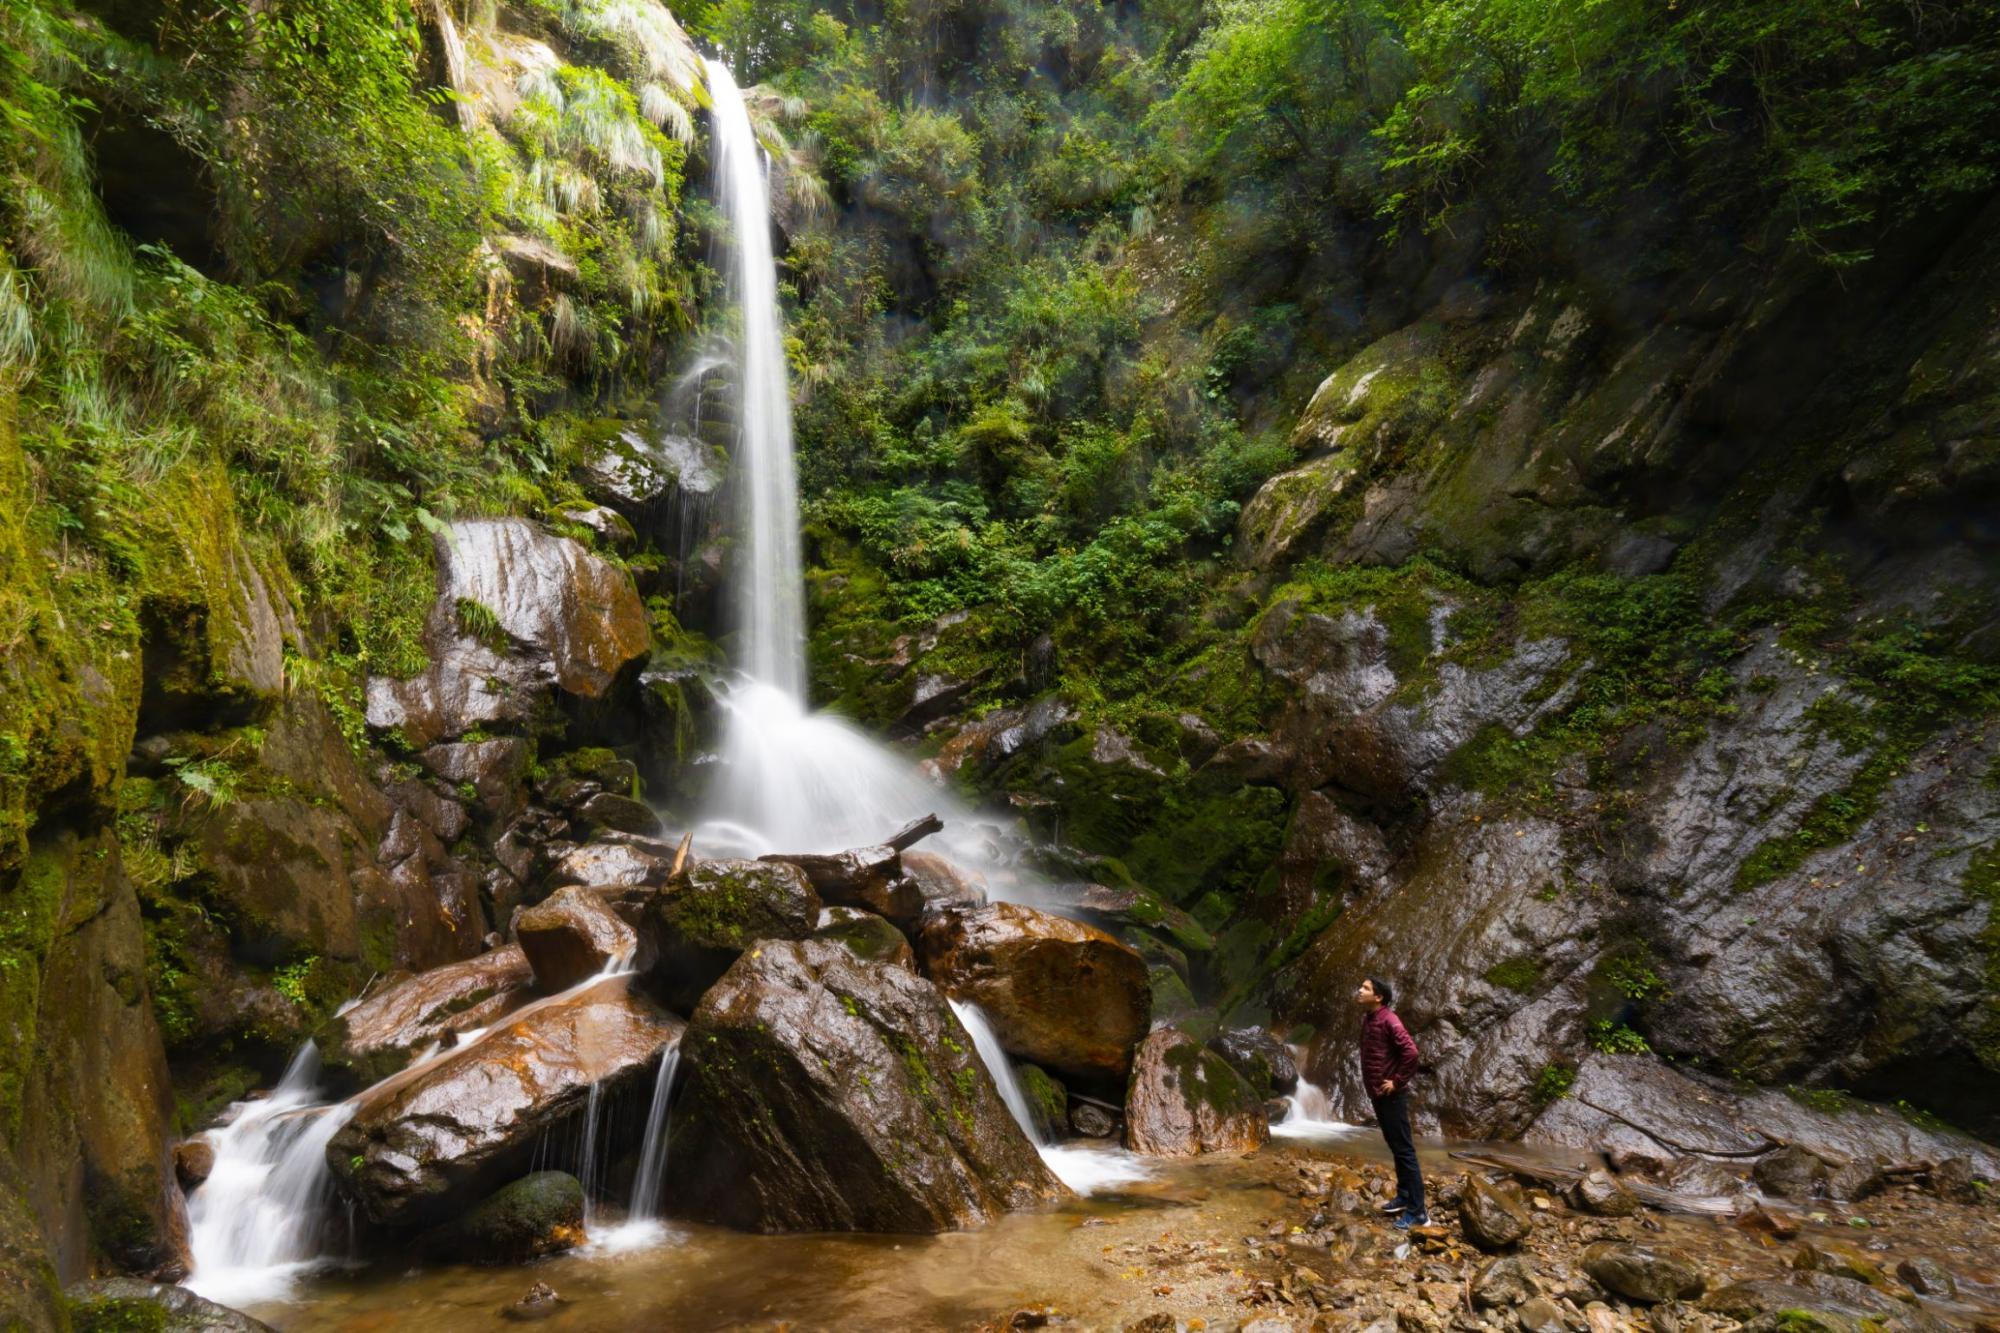 Barshargarh Falls in Shangarh